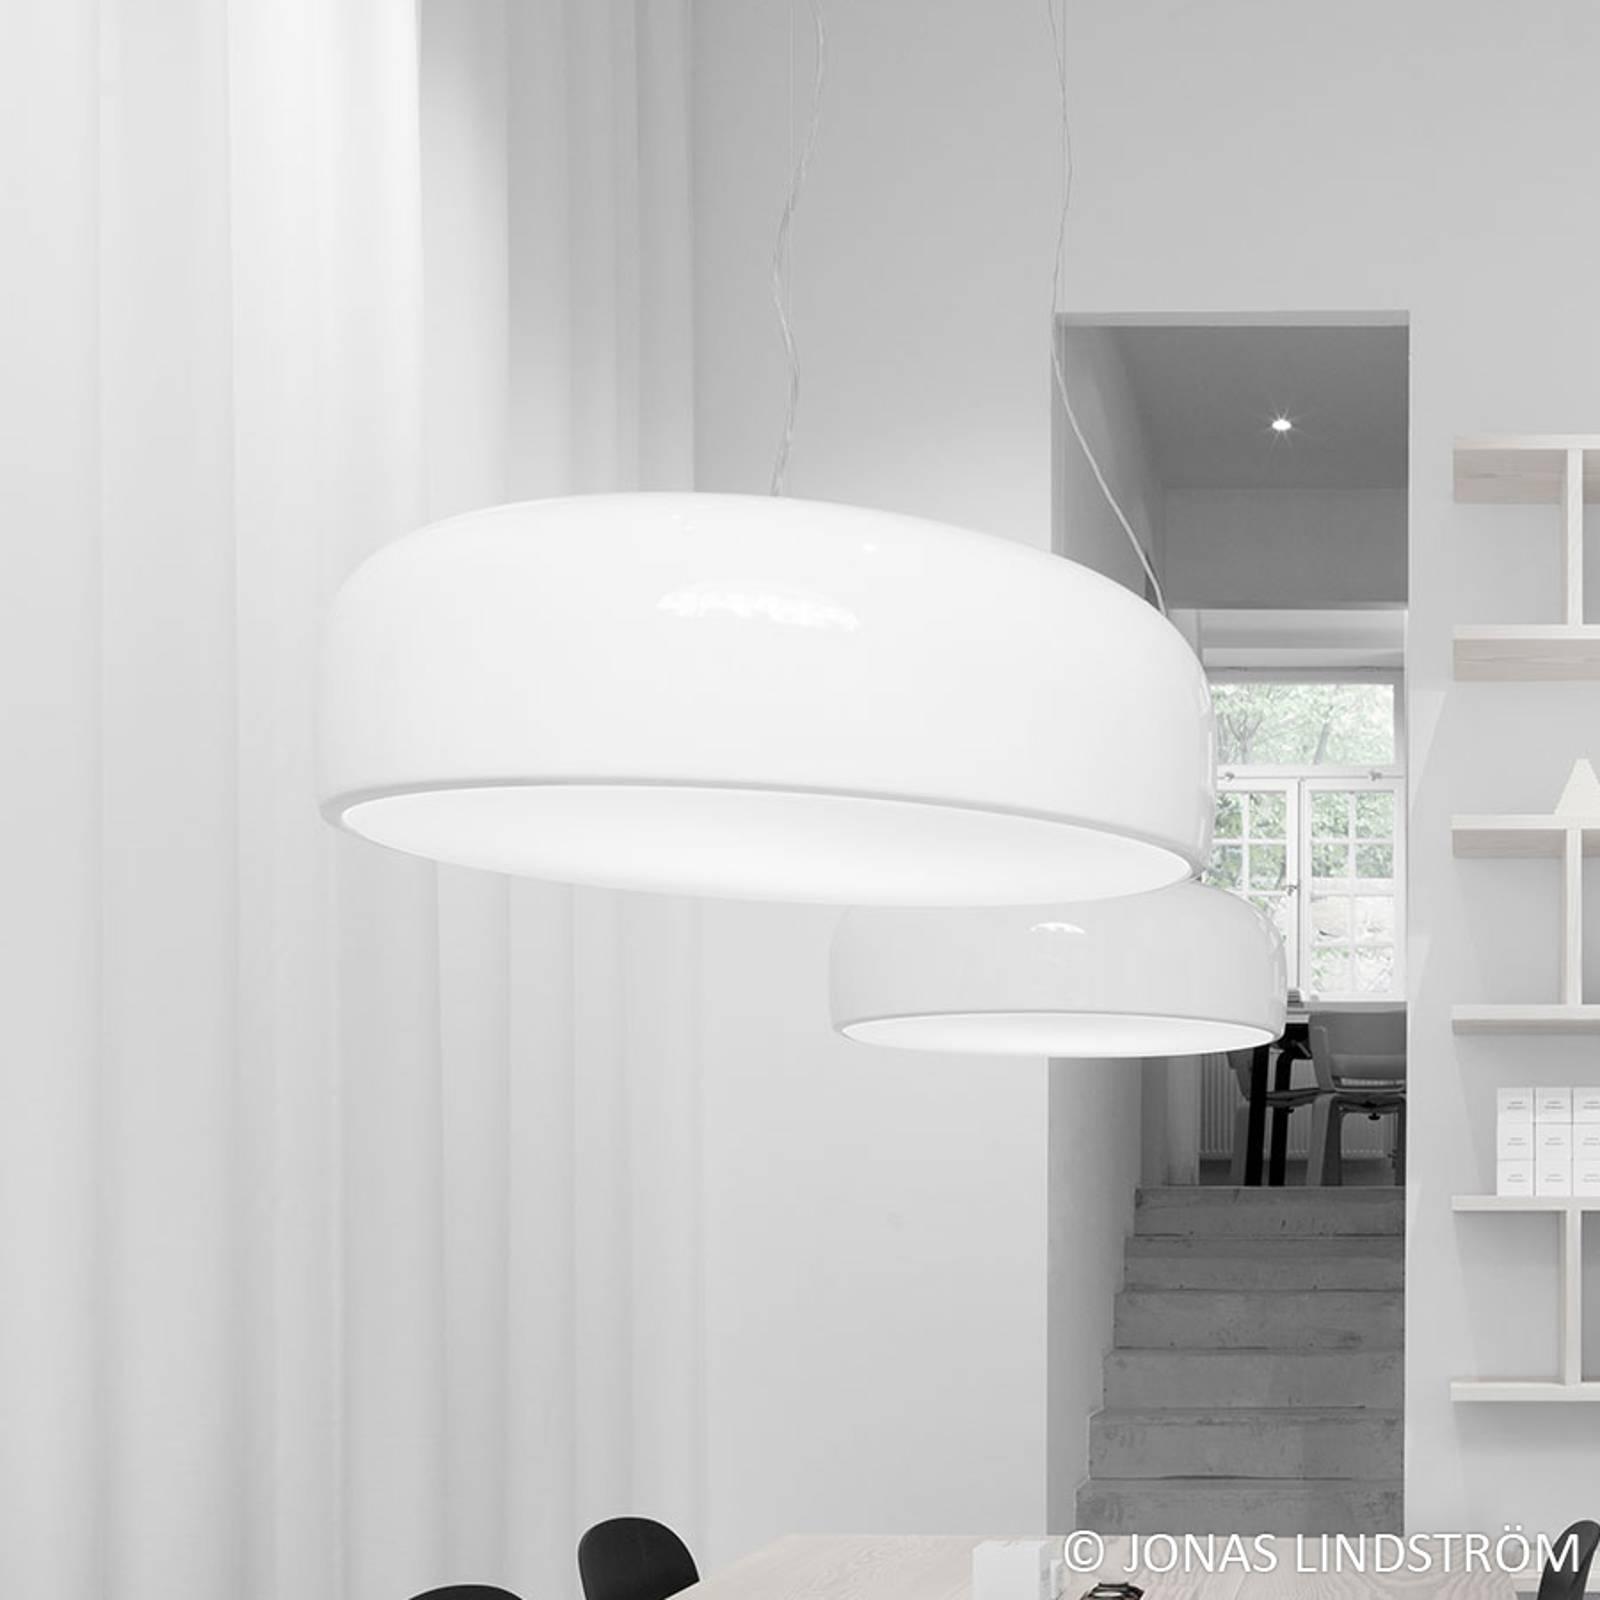 FLOS Smithfield S LED-Hängeleuchte, weiß